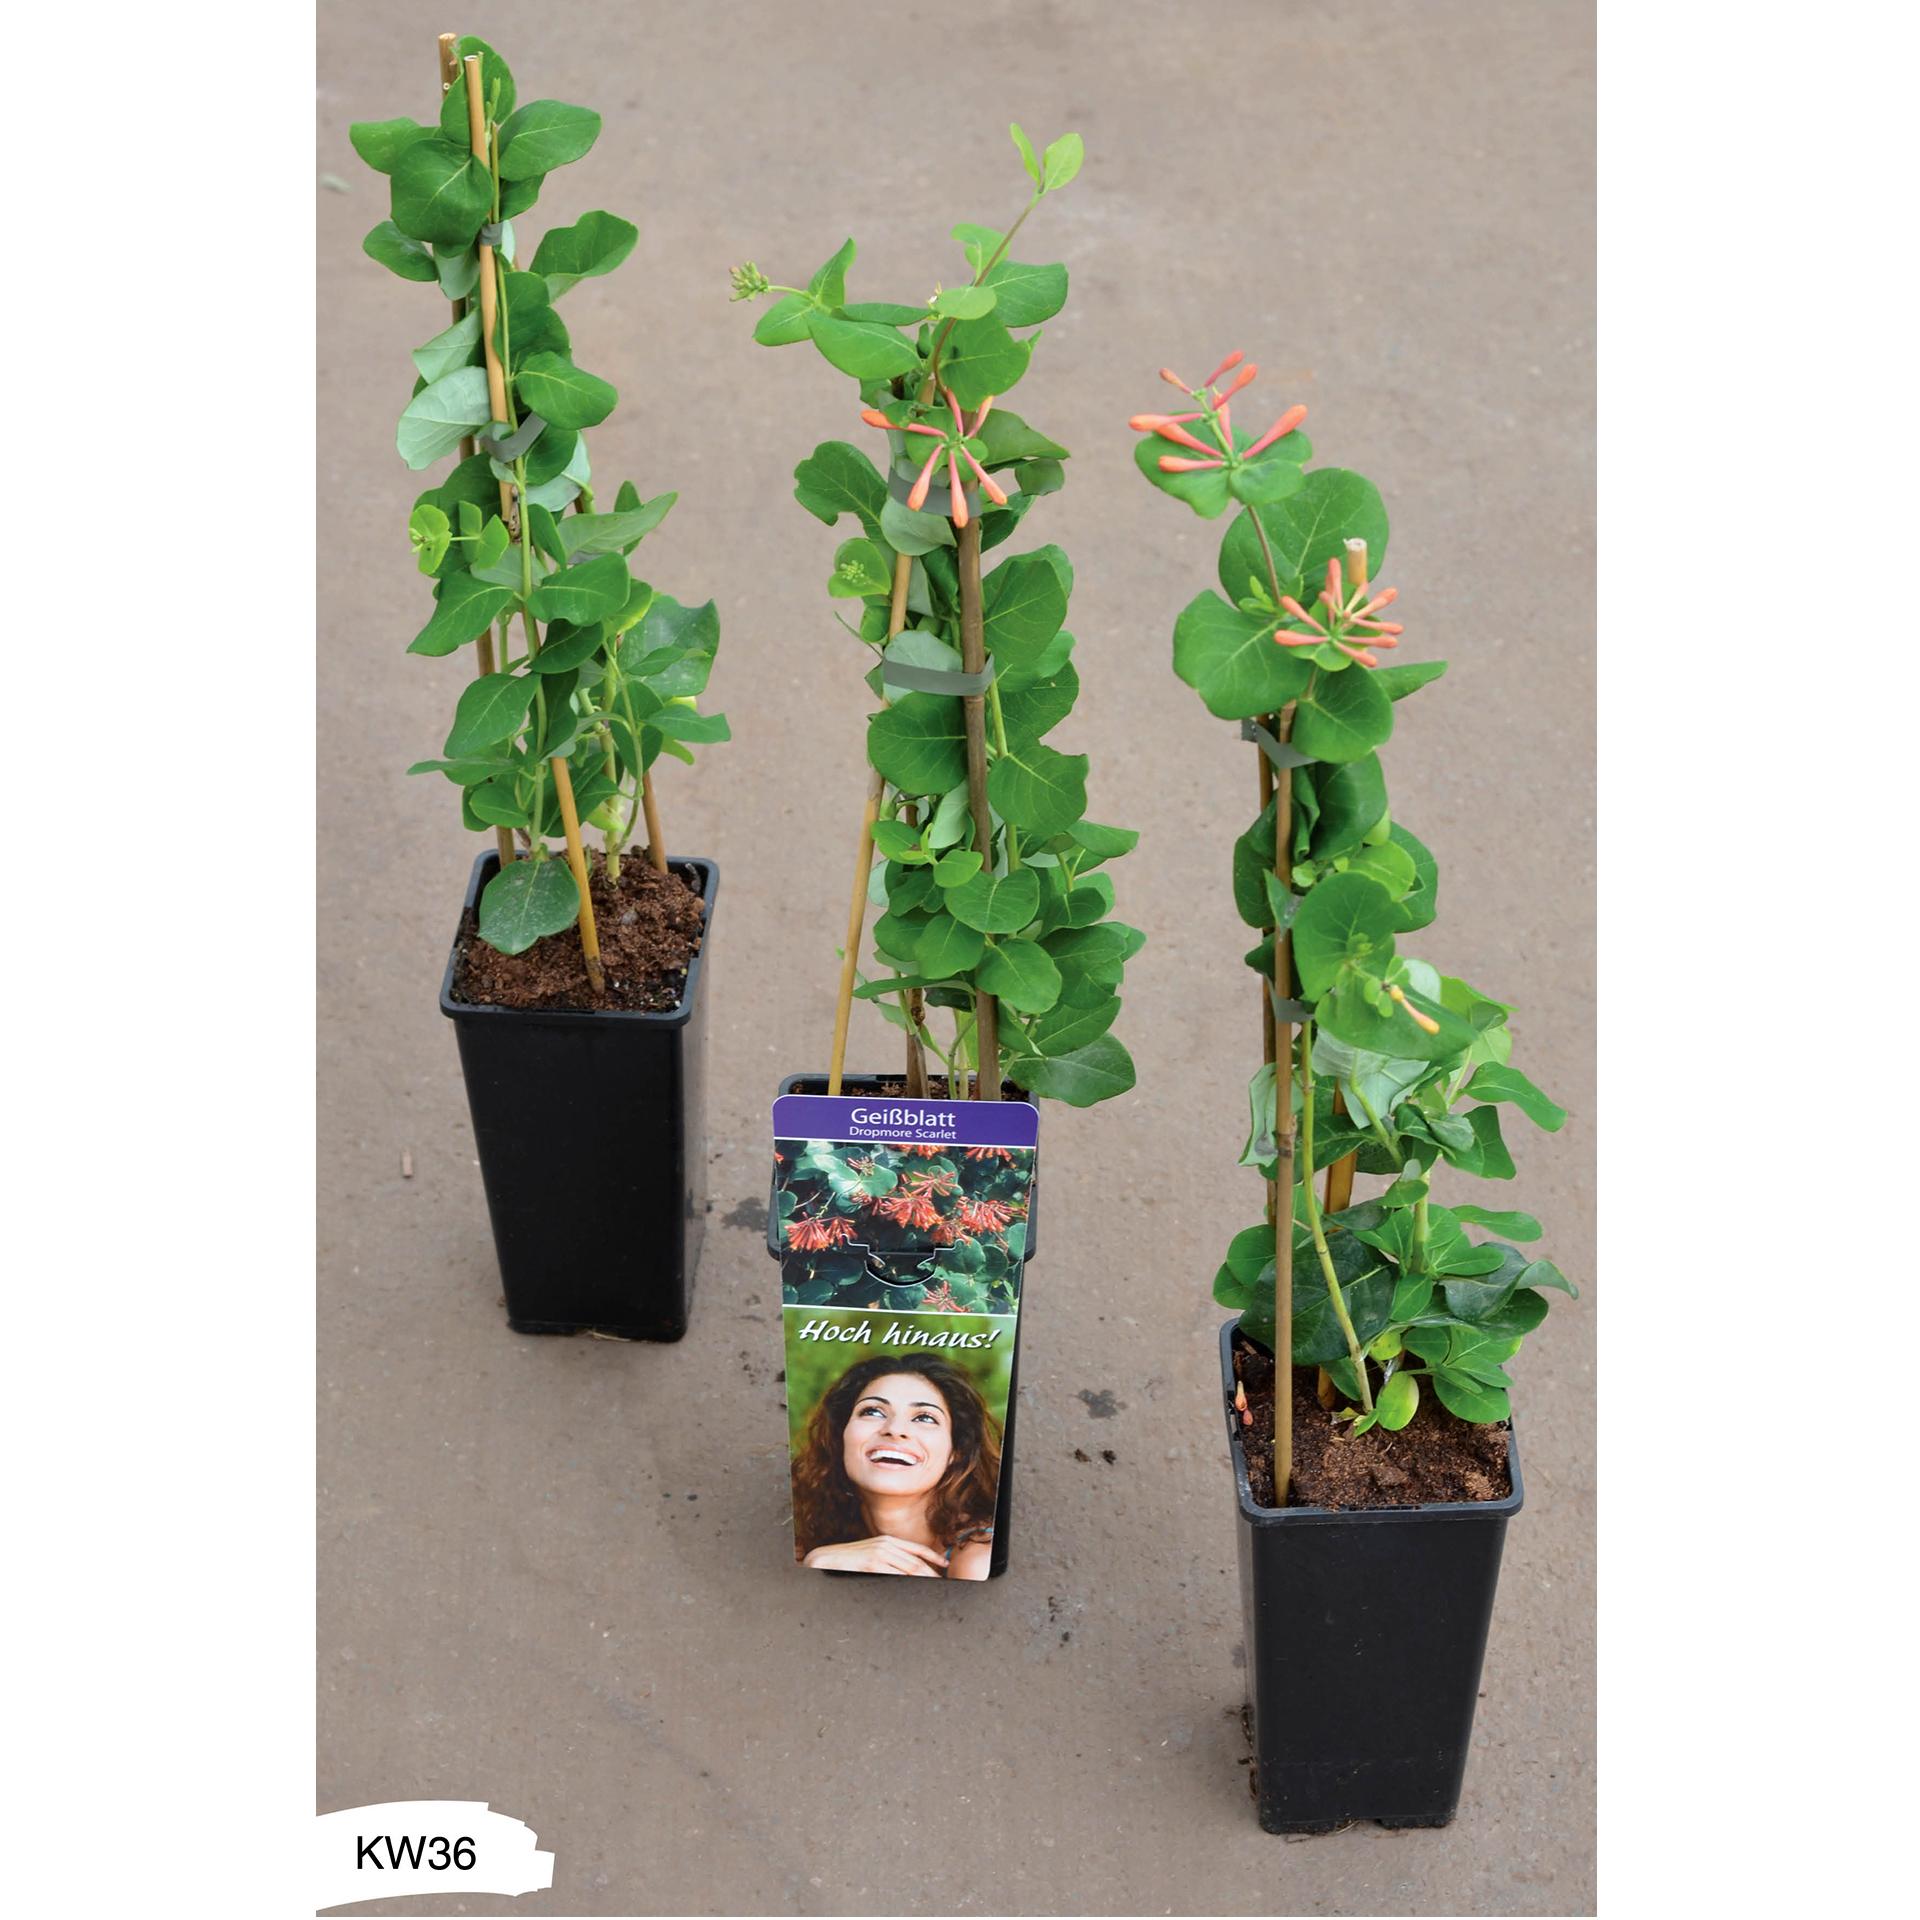 Geißblatt - Lonicera brownii 'Dropmore Scarlet', C2eck 40-60cm